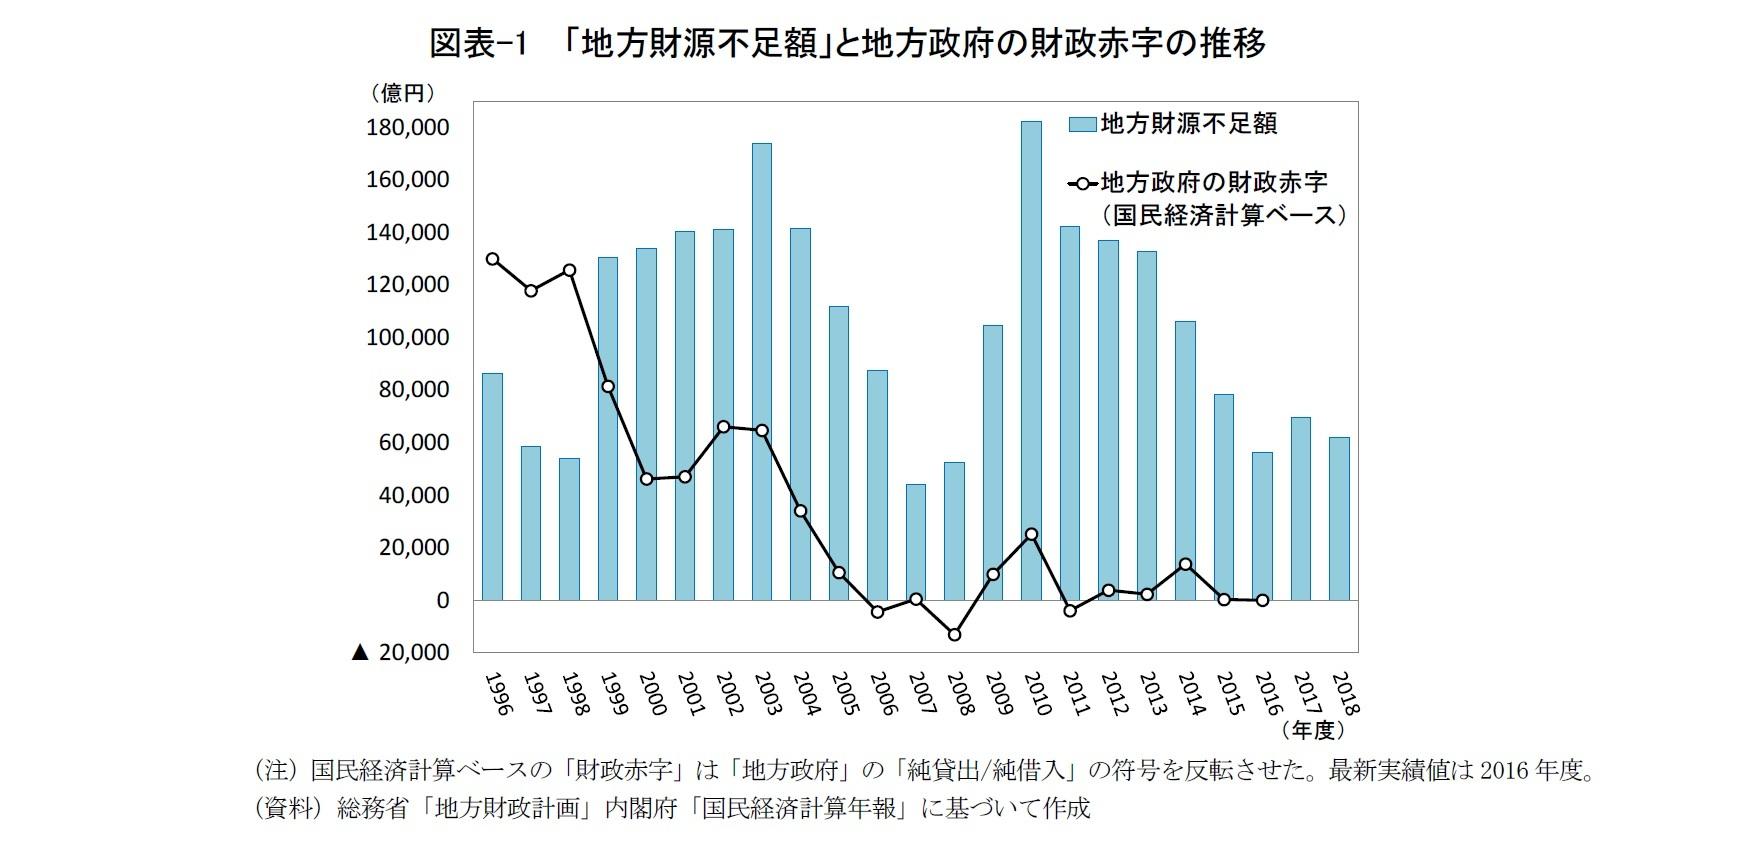 図表-1  「地方財源不足額」と地方政府の財政赤字の推移